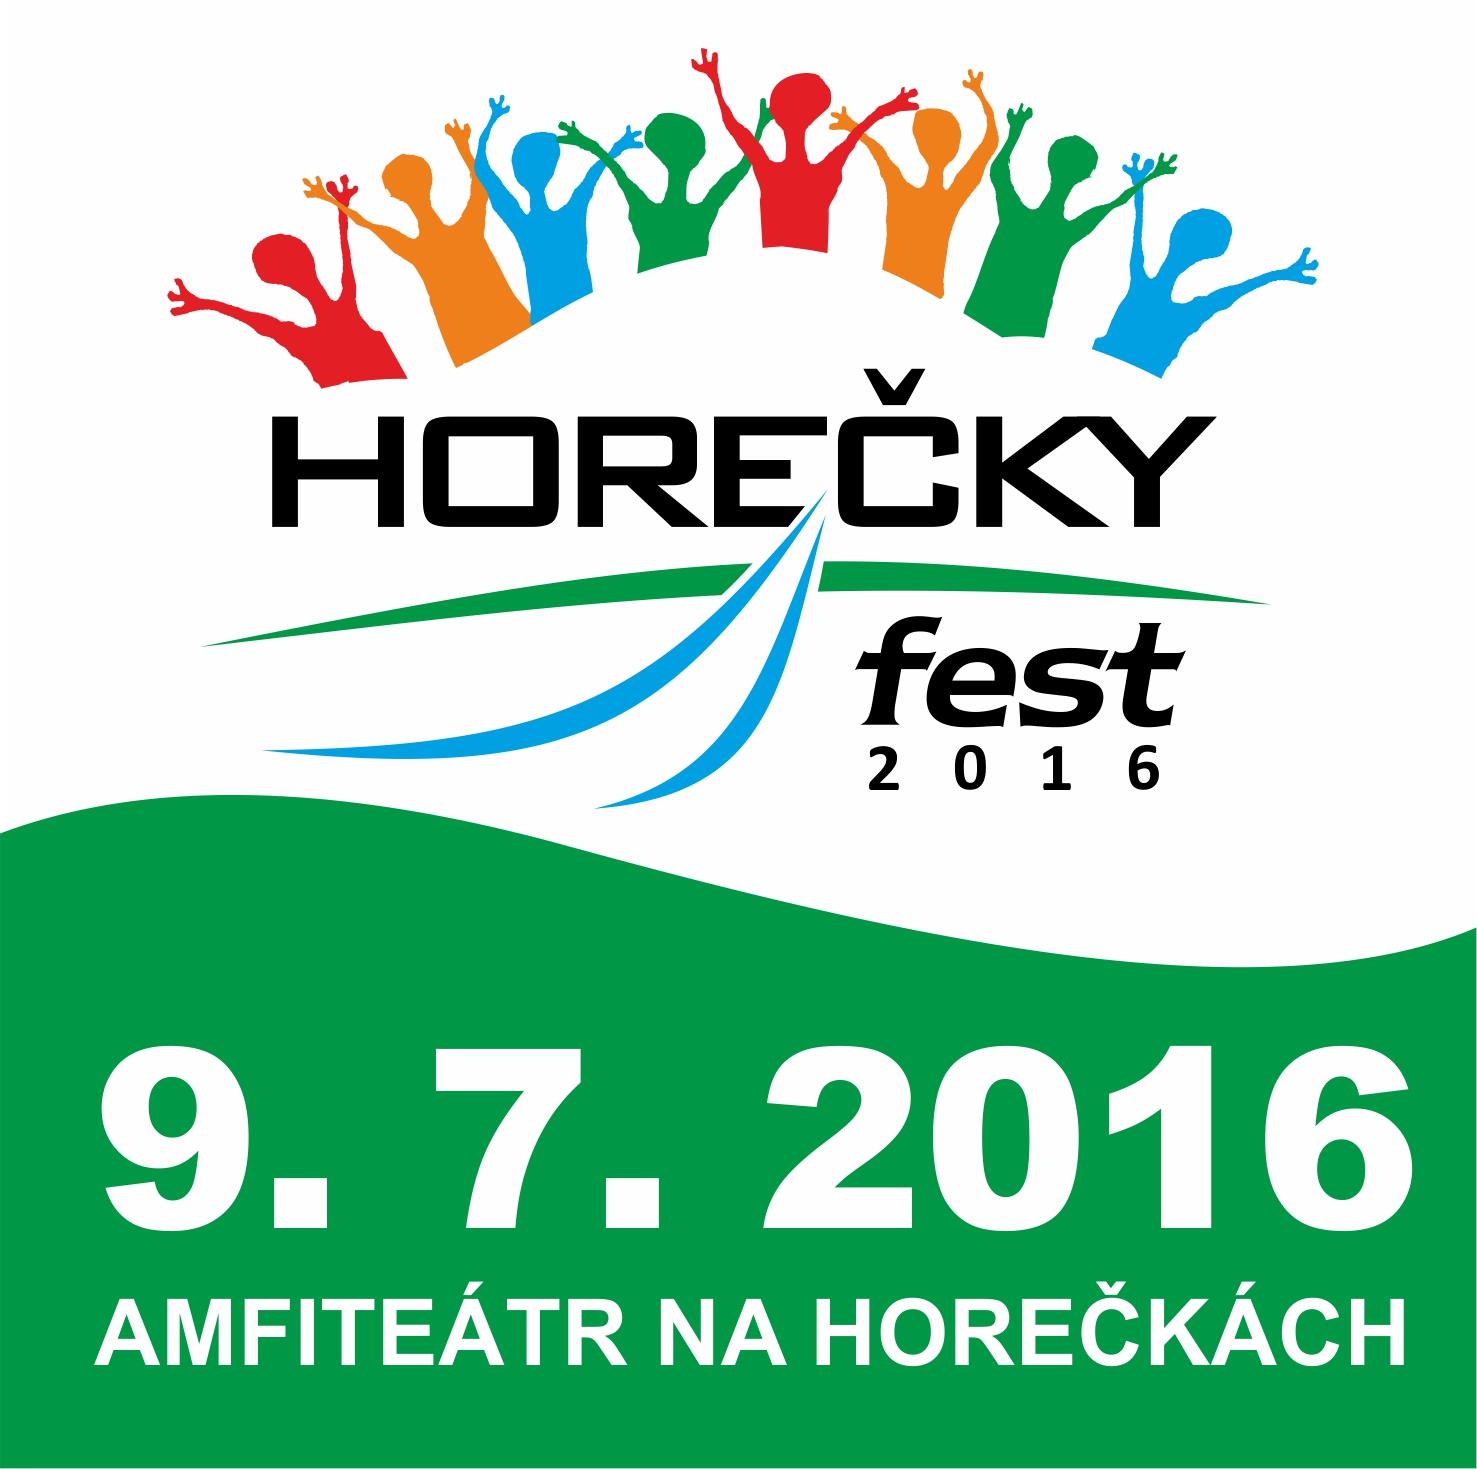 HorečkyFest - pohodový rodinný festival